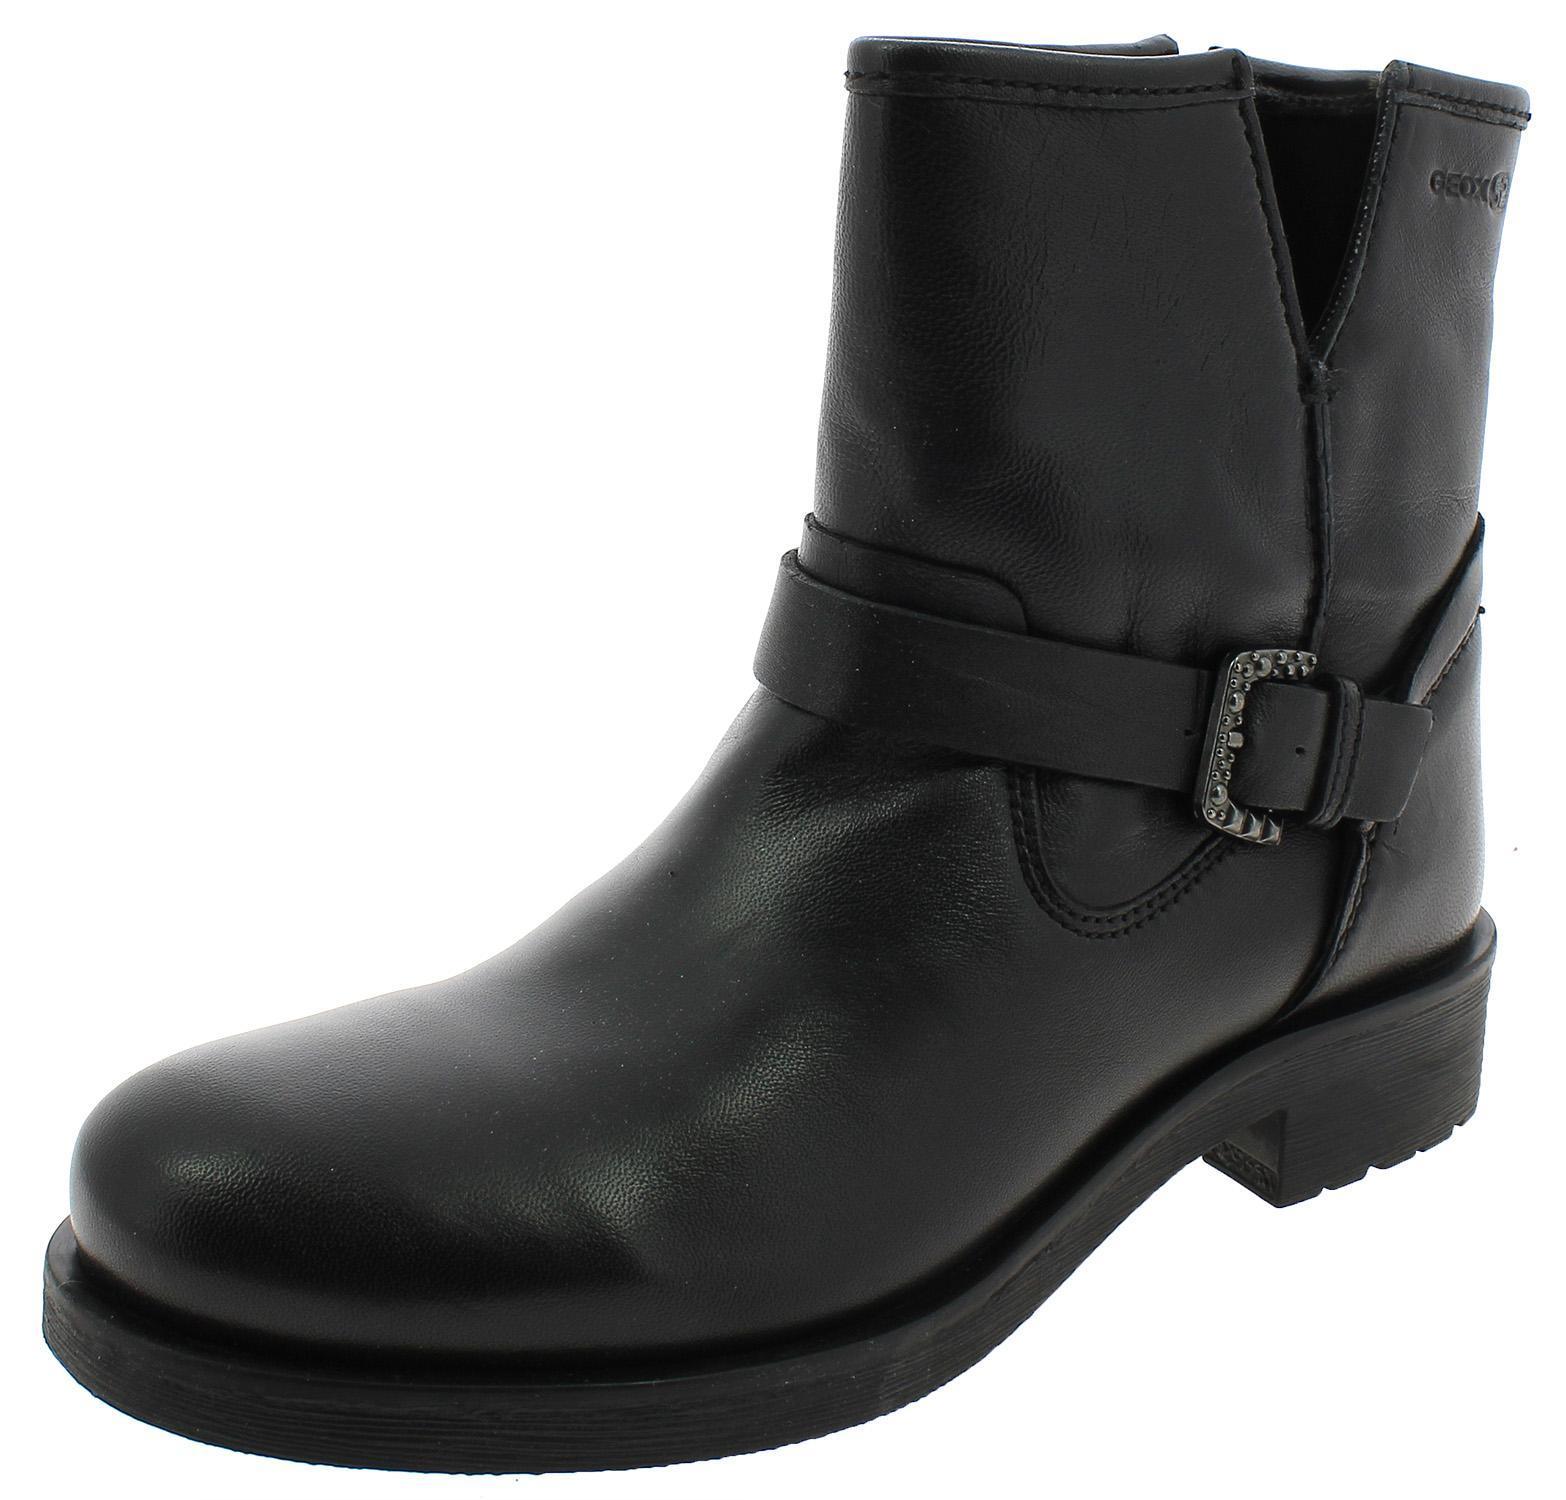 Noreste paz tolerancia  GEOX D RAWELLE D WOMAN'S BLACK BOOTS D746RDC9997| | - AliExpress